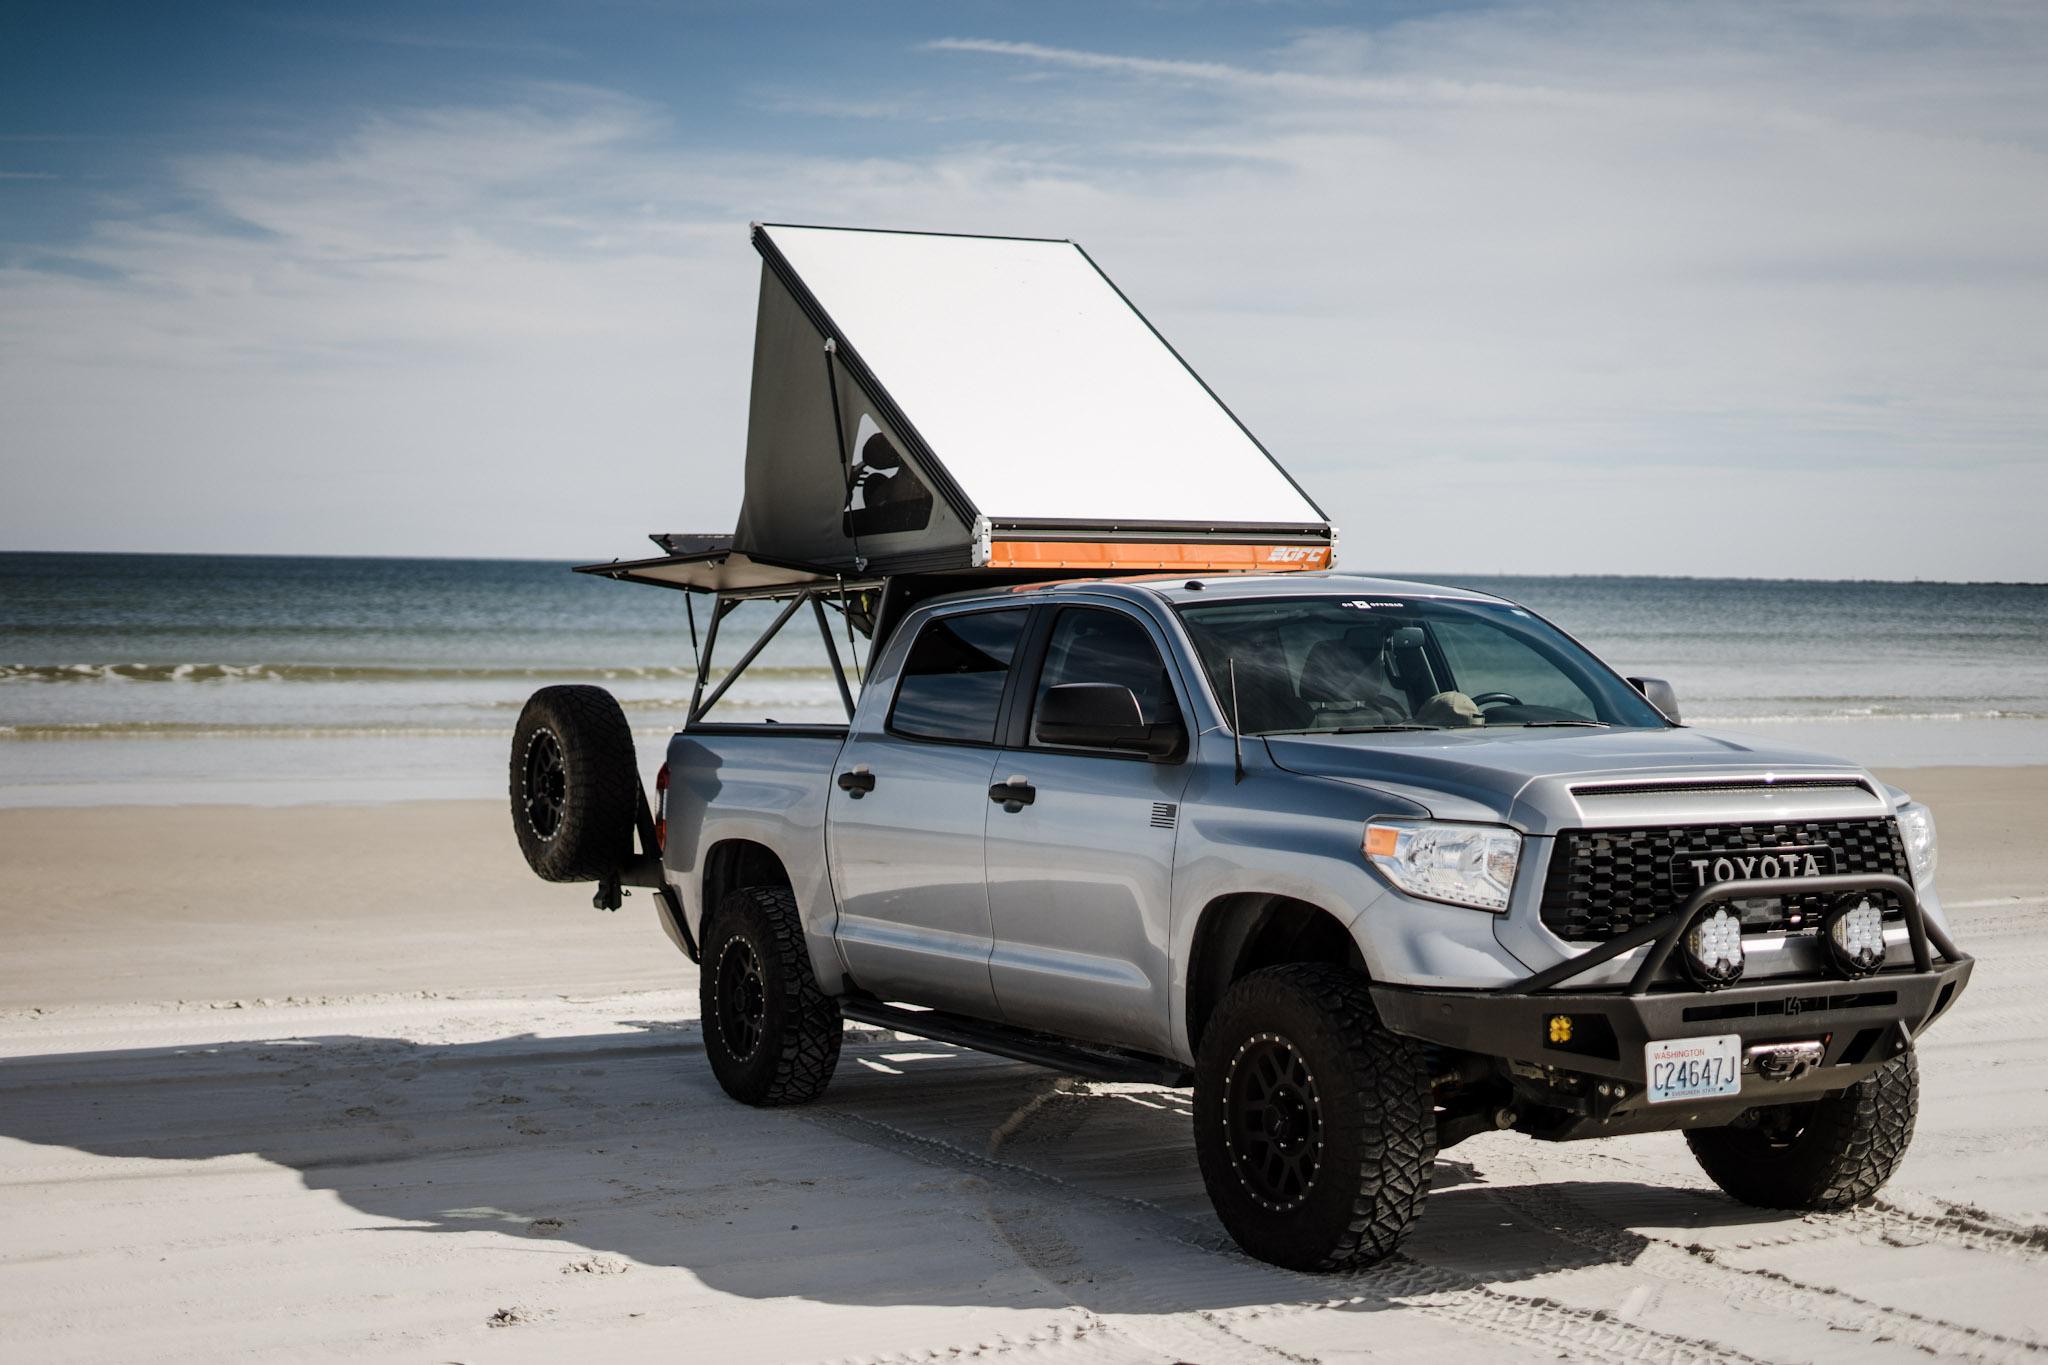 Toyota Tundra GFC Camper